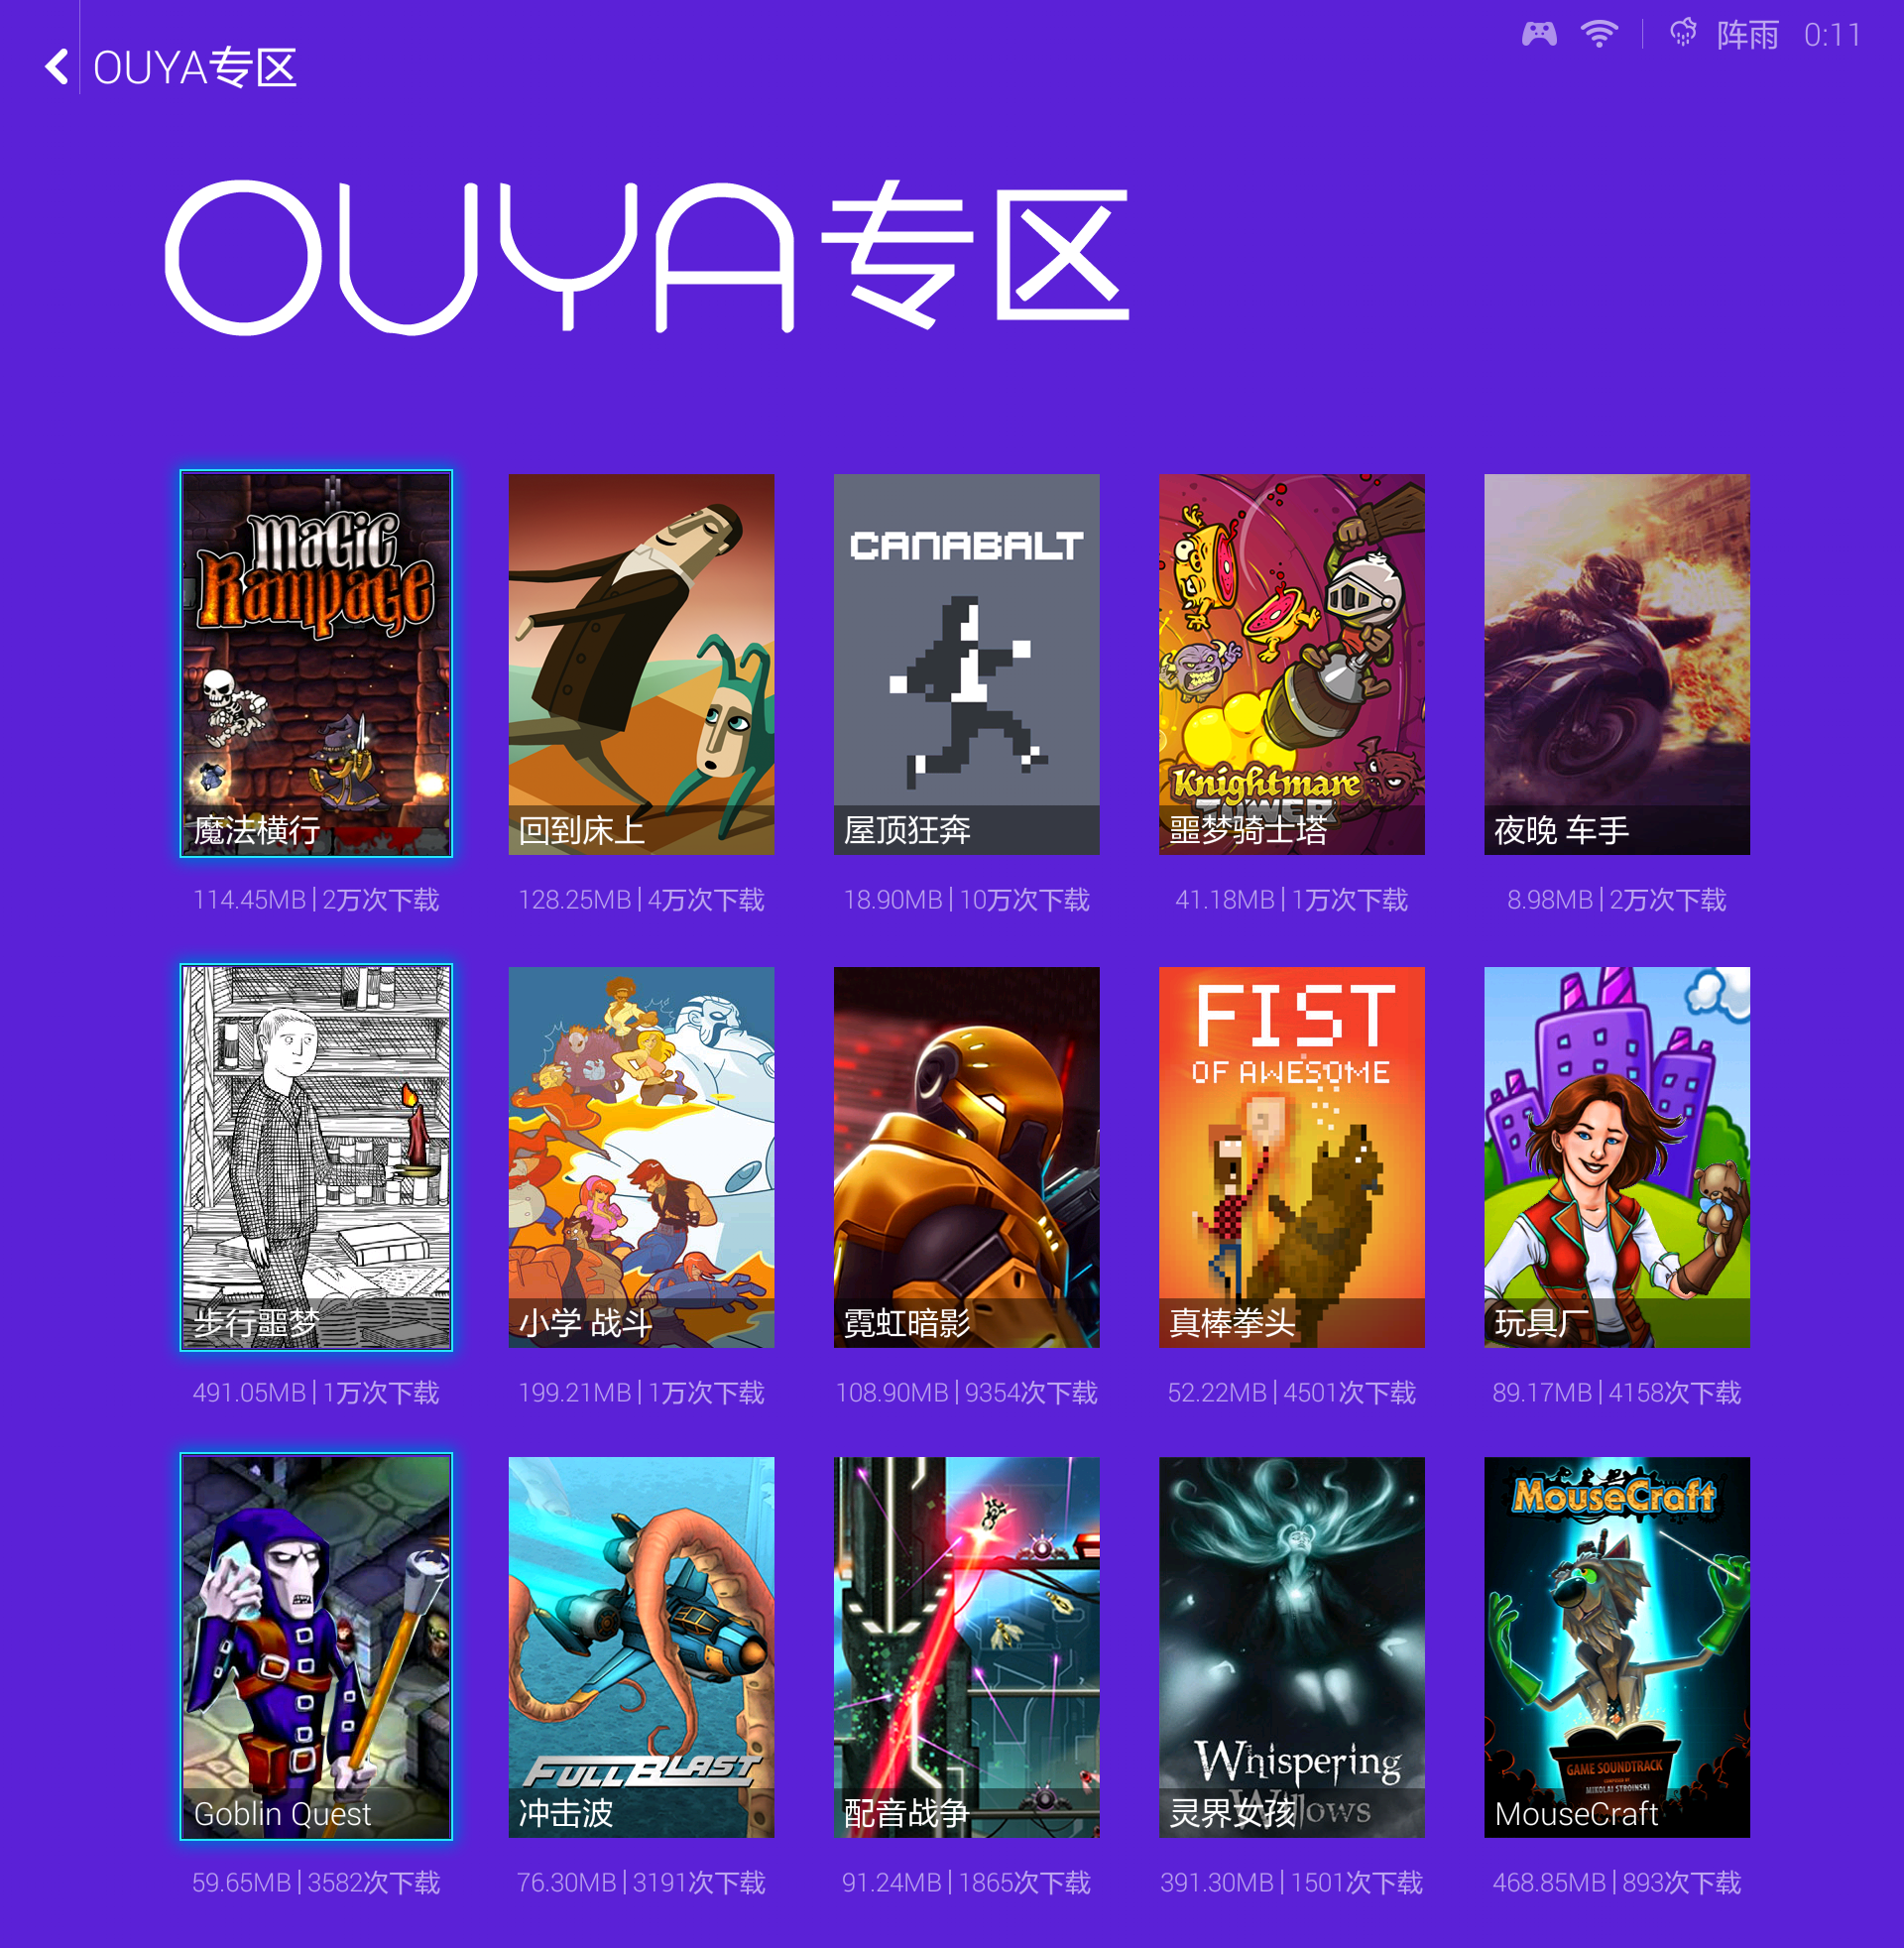 OUYA Games